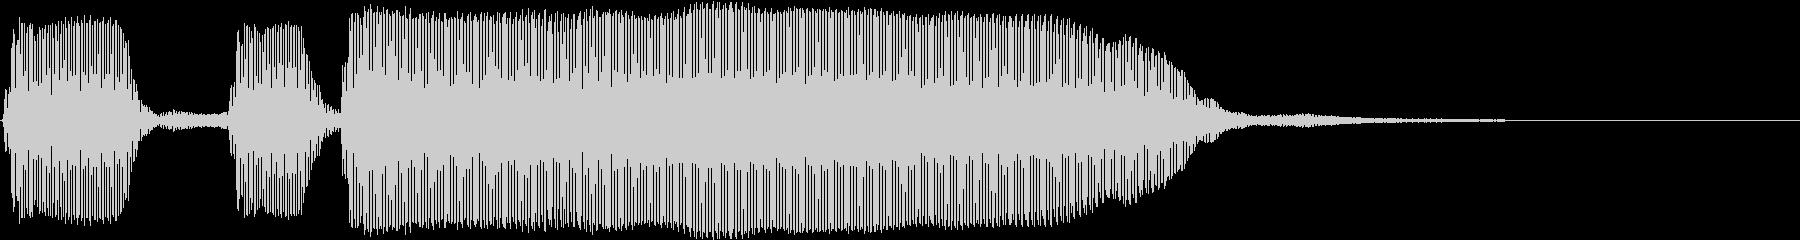 トランペット/2重奏のテッテレーの未再生の波形